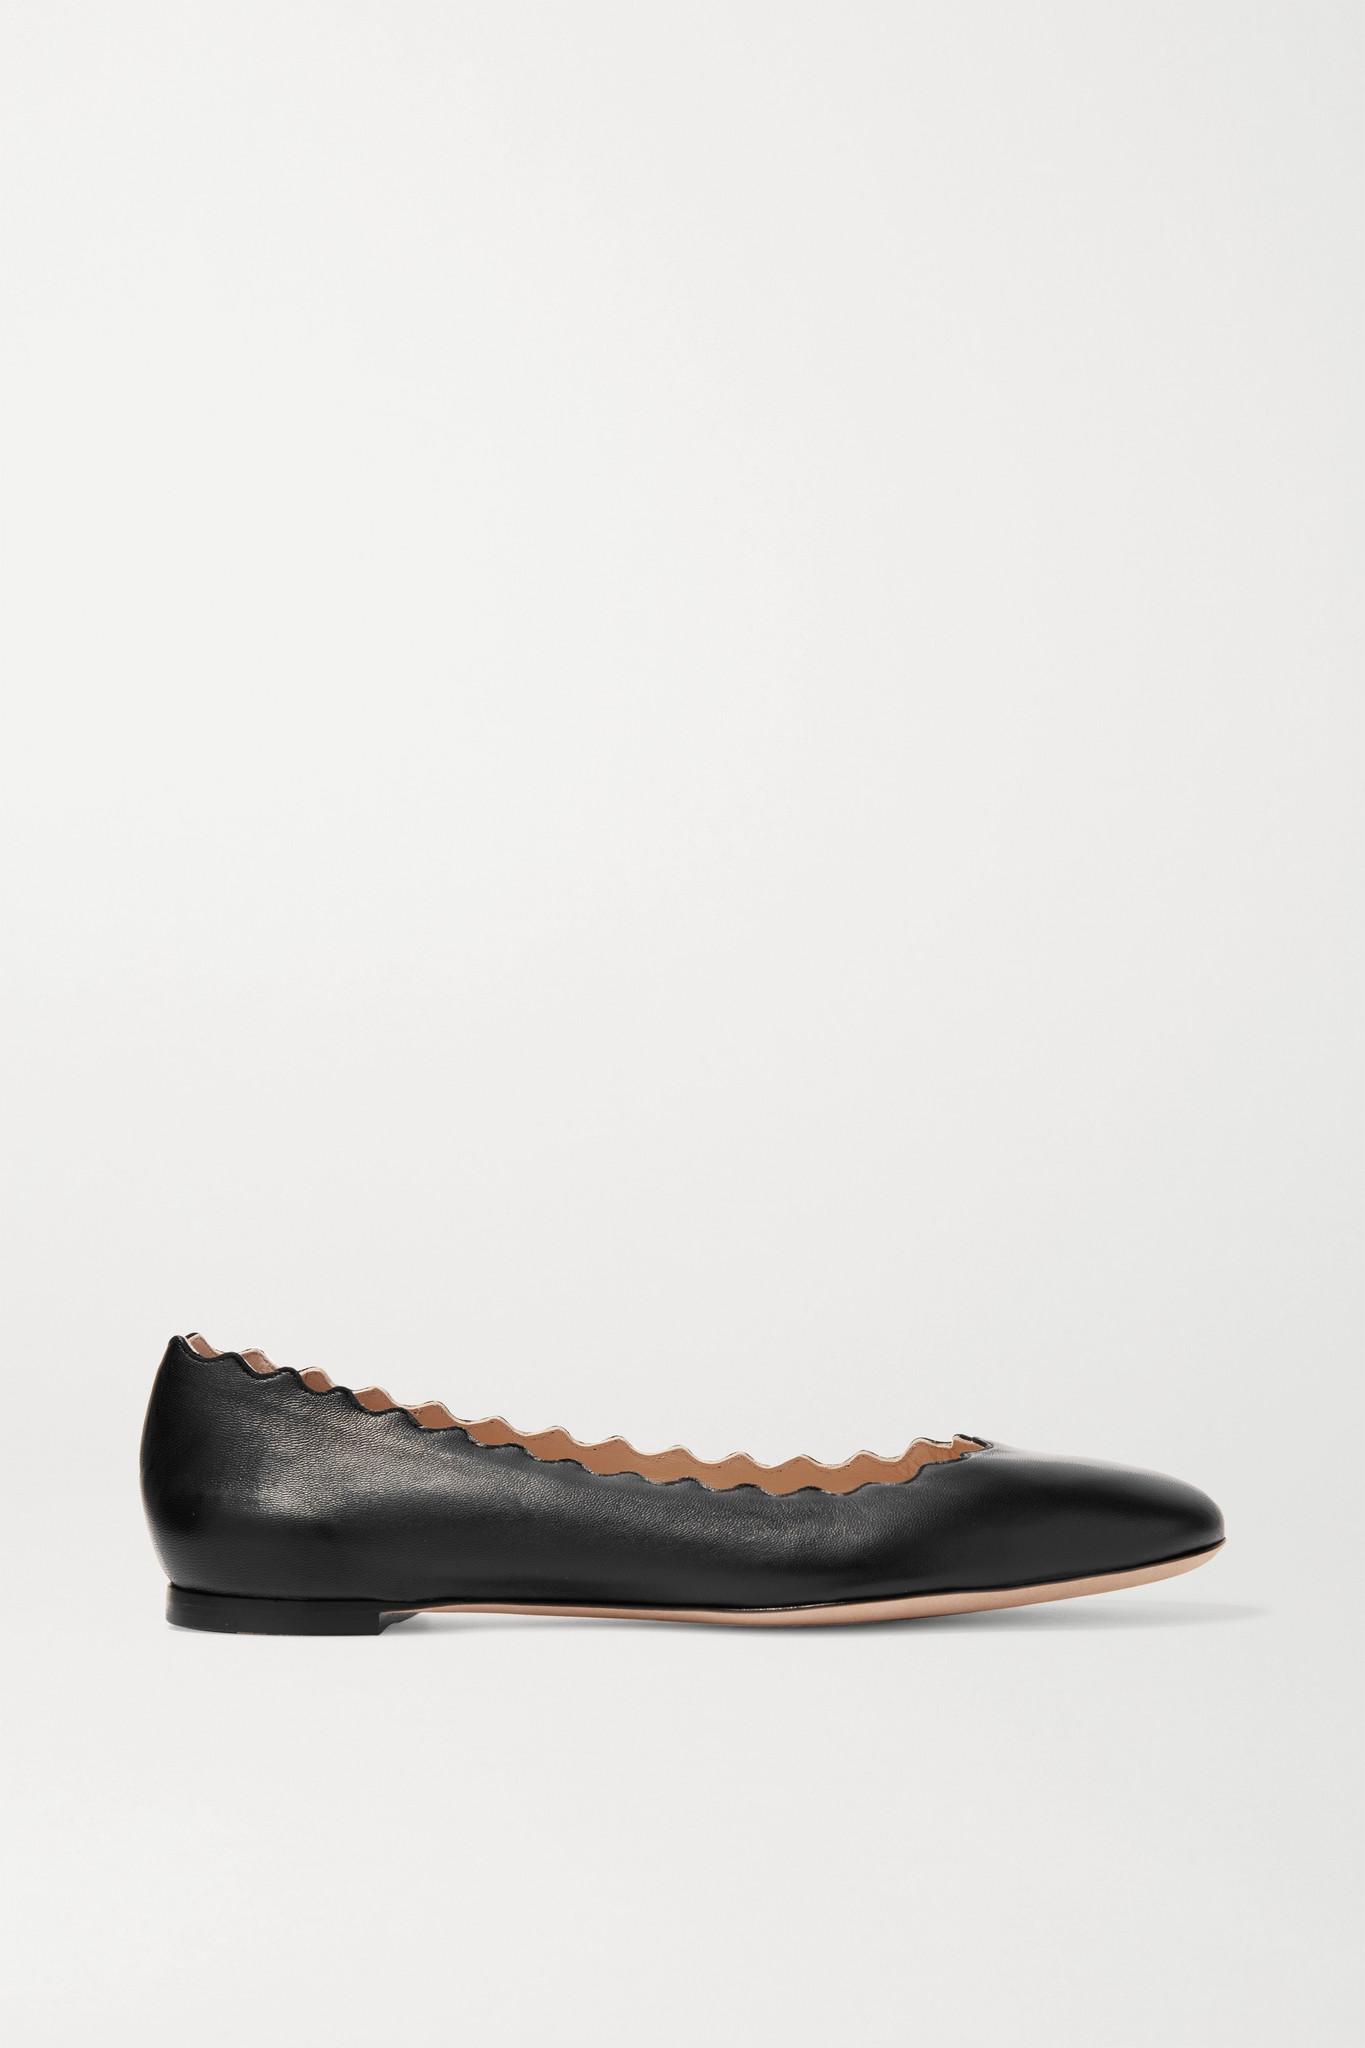 CHLOÉ - Lauren Scalloped Leather Ballet Flats - Black - IT39.5